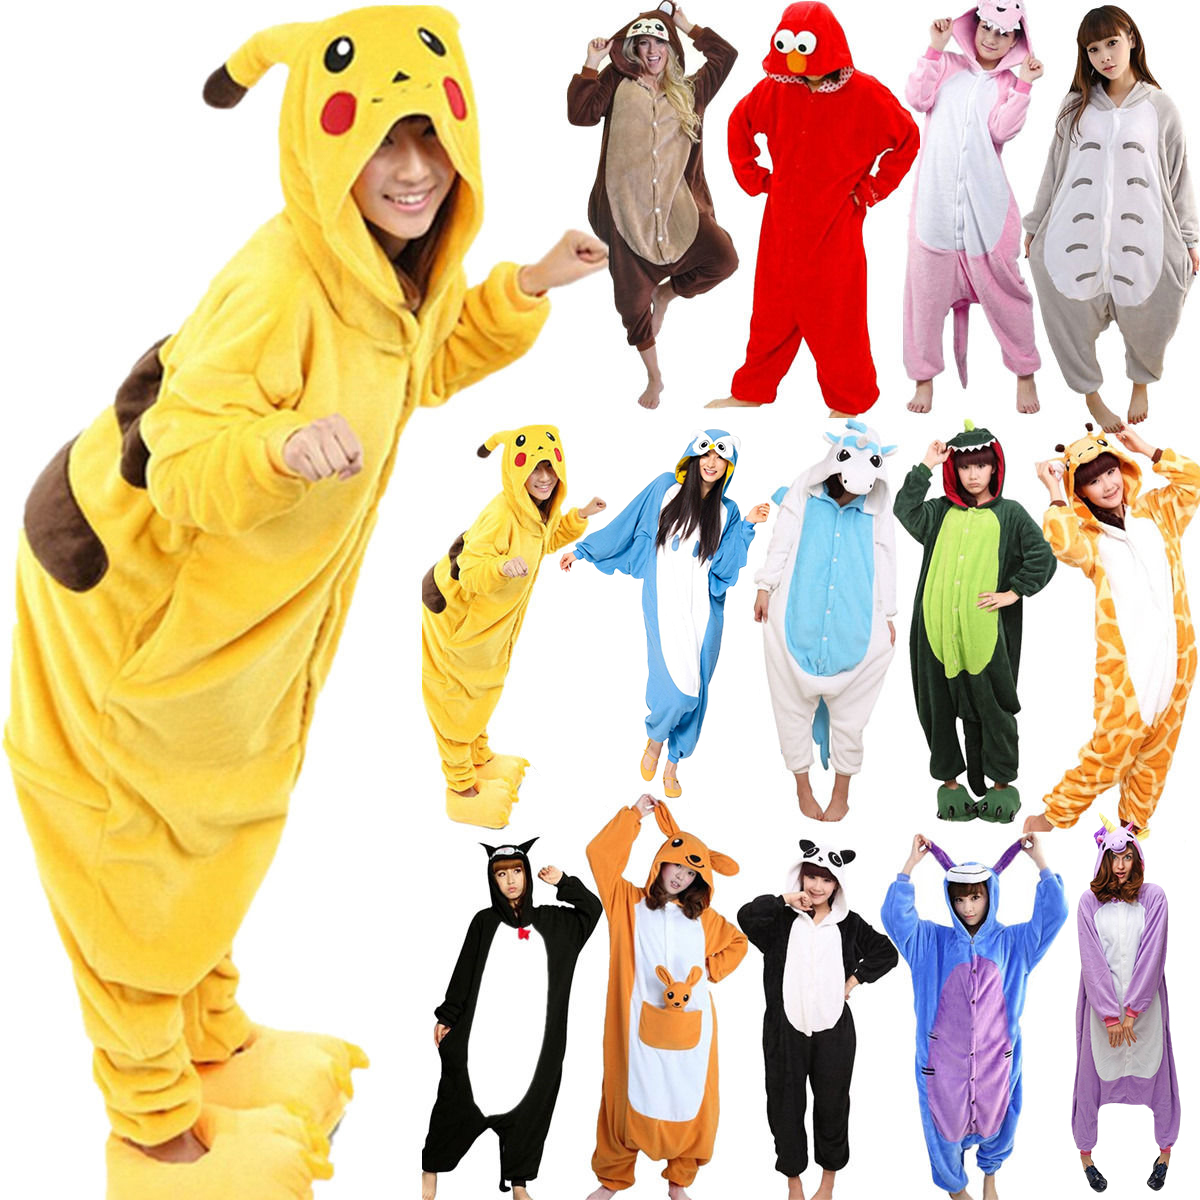 Disciplinato Bambini Animale Per Adulti Pigiama Kigurumi Unisex Tutina Costume Cosplay 6a Nightwear-mostra Il Titolo Originale